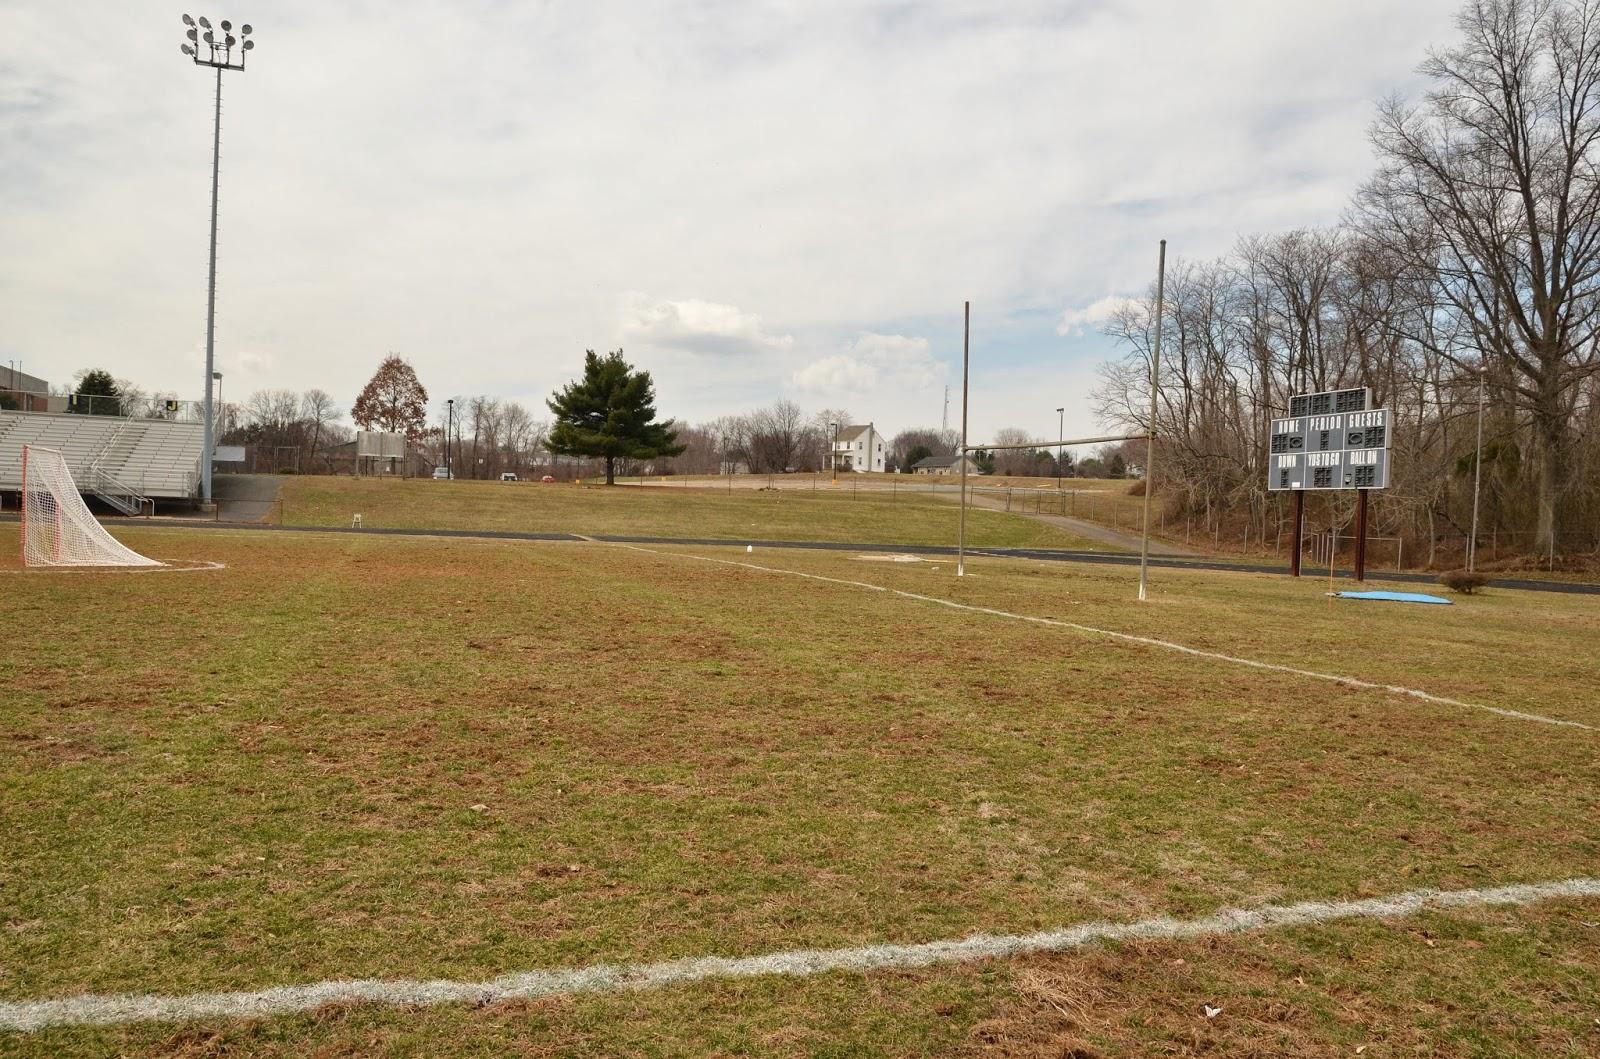 Field behind lacrosse goal